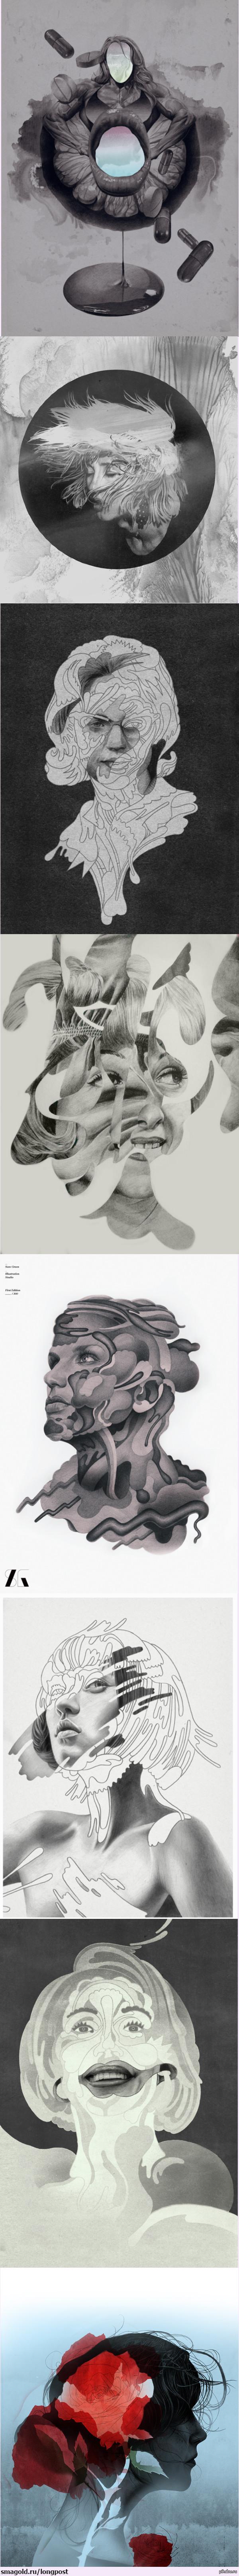 Sam Green - Illustrator Некоторые из работ иллюстратора Сэма Грина. Ознакомиться с остальными его работами можно здесь - http://sams-place.net/